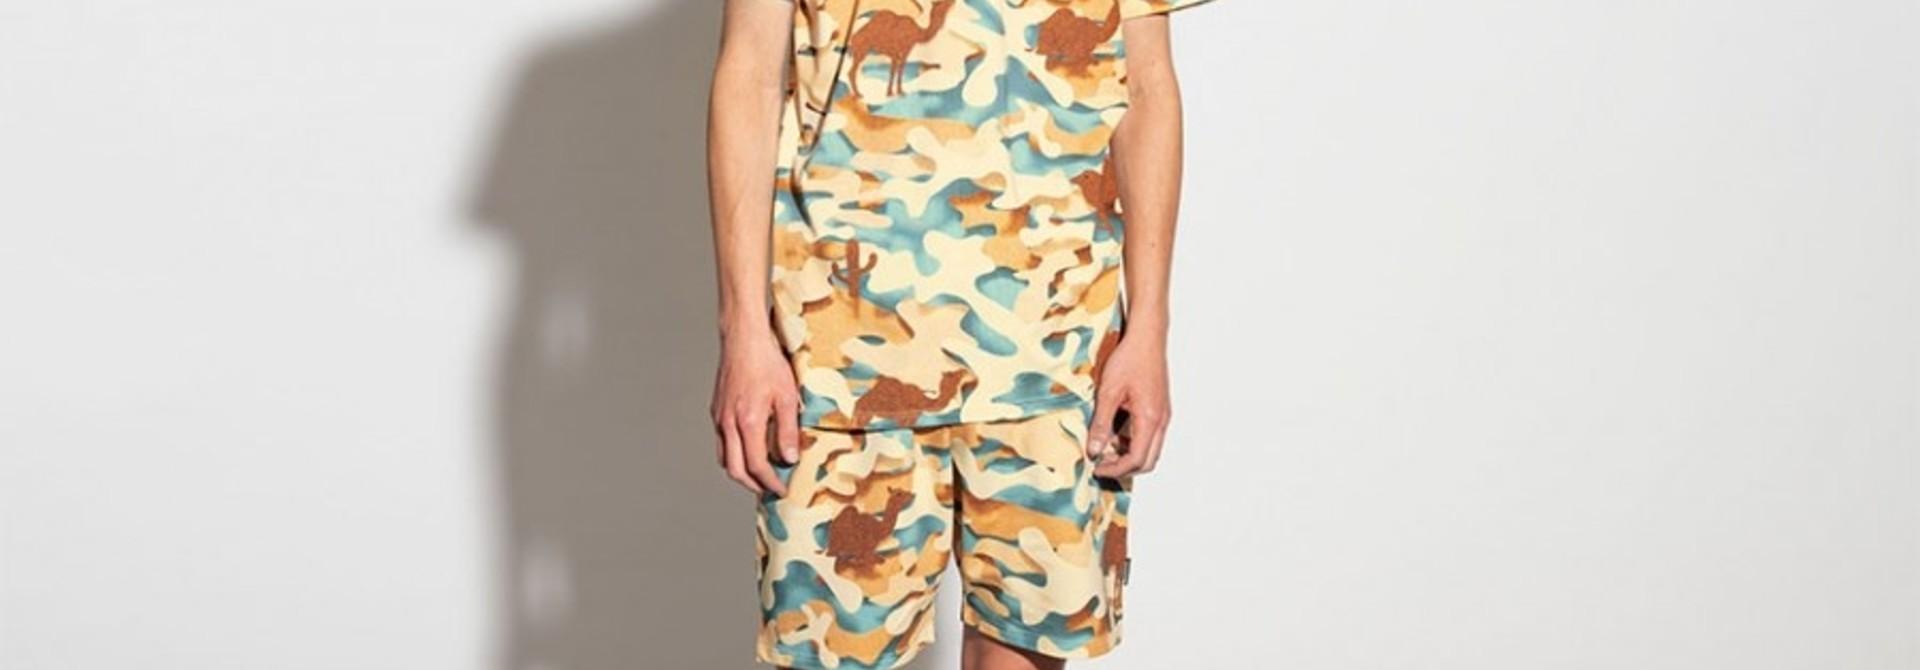 2 Pc S/S Top & Shorts - Desert - Men's - Sm